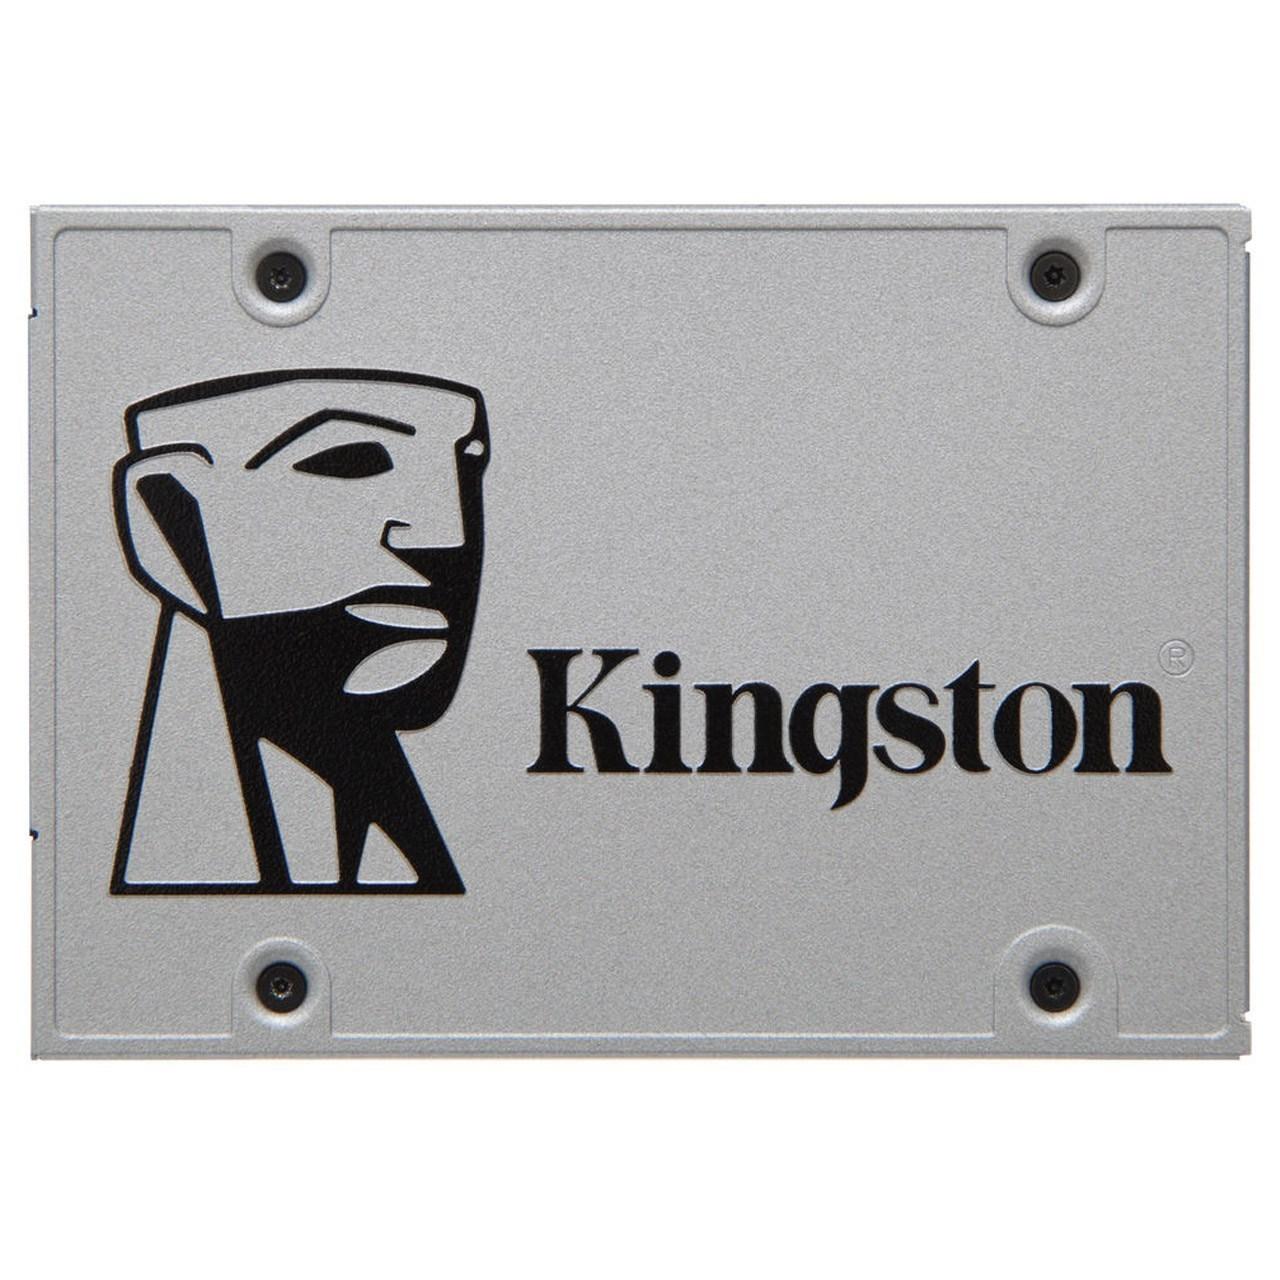 اس اس دی اینترنال کینگستون مدل SSDNow UV400 ظرفیت 480 گیگابایت